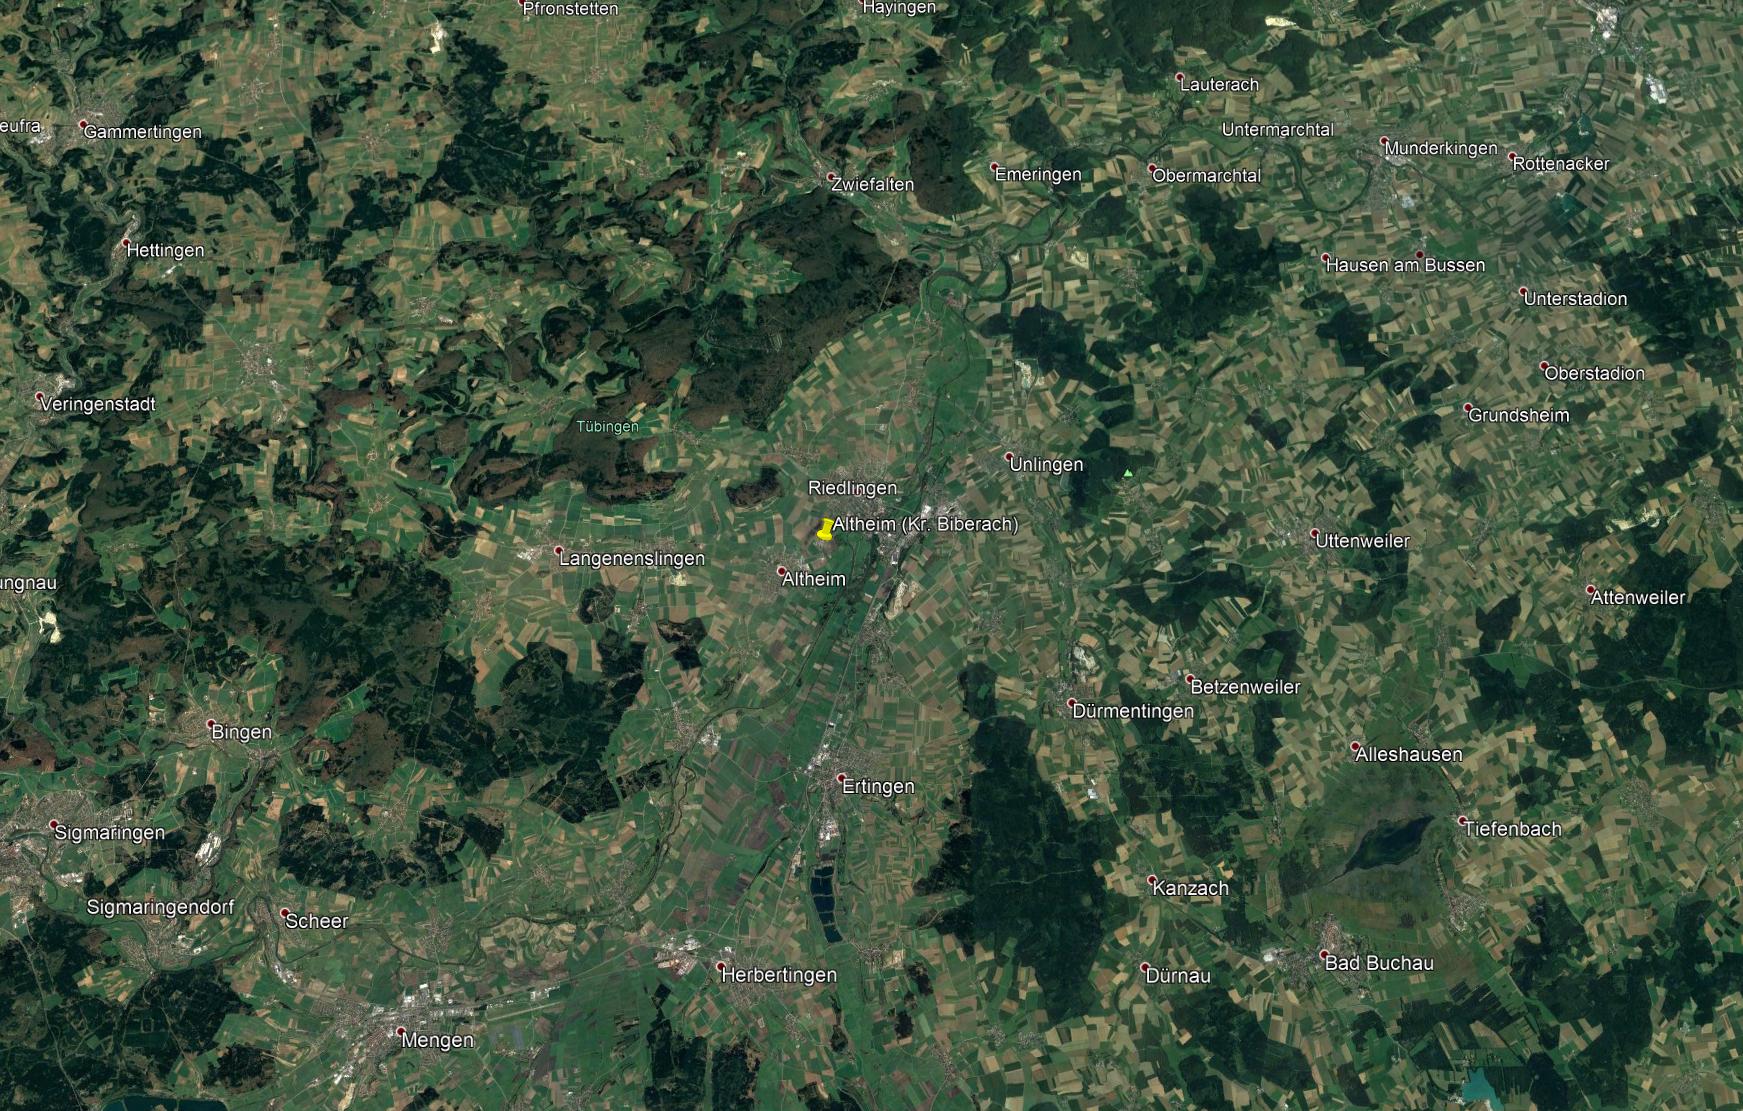 http://www.wetterstation-leutenbach.de/Bilder/altheim1.png